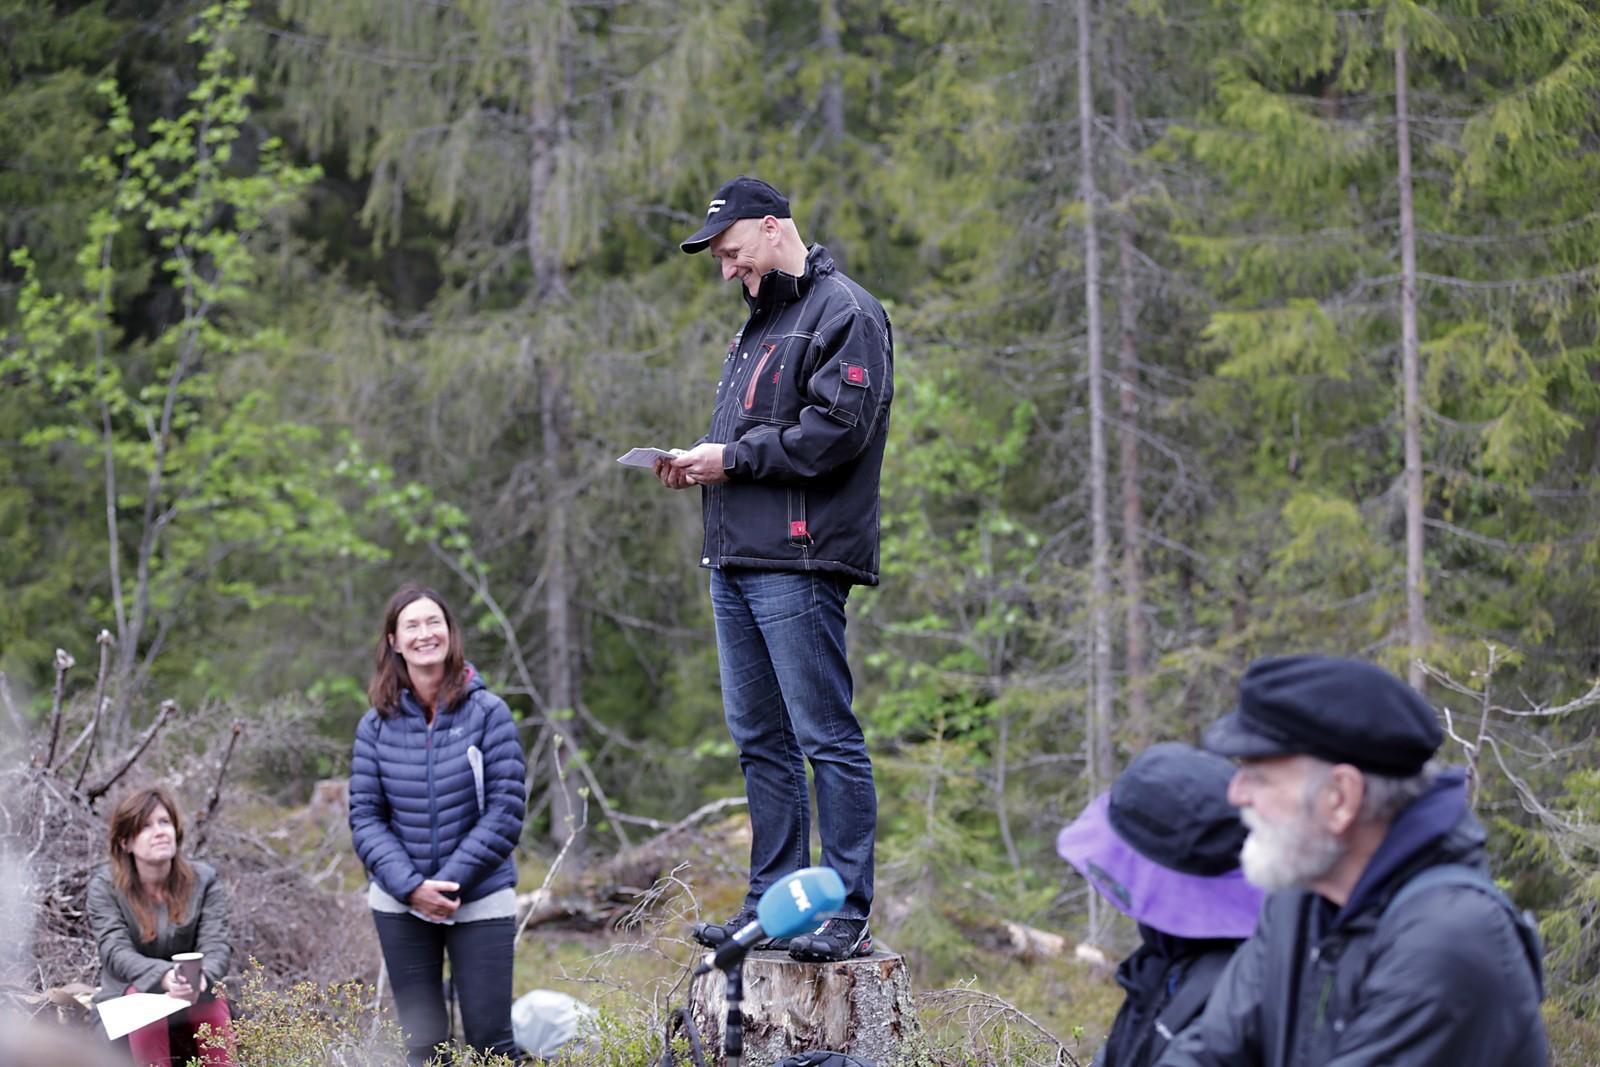 """Stubber i åpningen i skogen ble brukt som talestol. Skogvokteren forteller publikum at det for 125 år siden ble avgjort at skogen skulle være for Oslos innbyggere, til rekreasjon. """"That`s amazing"""", utbrytes det blant de utenlandske publikummerne som var med Atwood i skogen."""